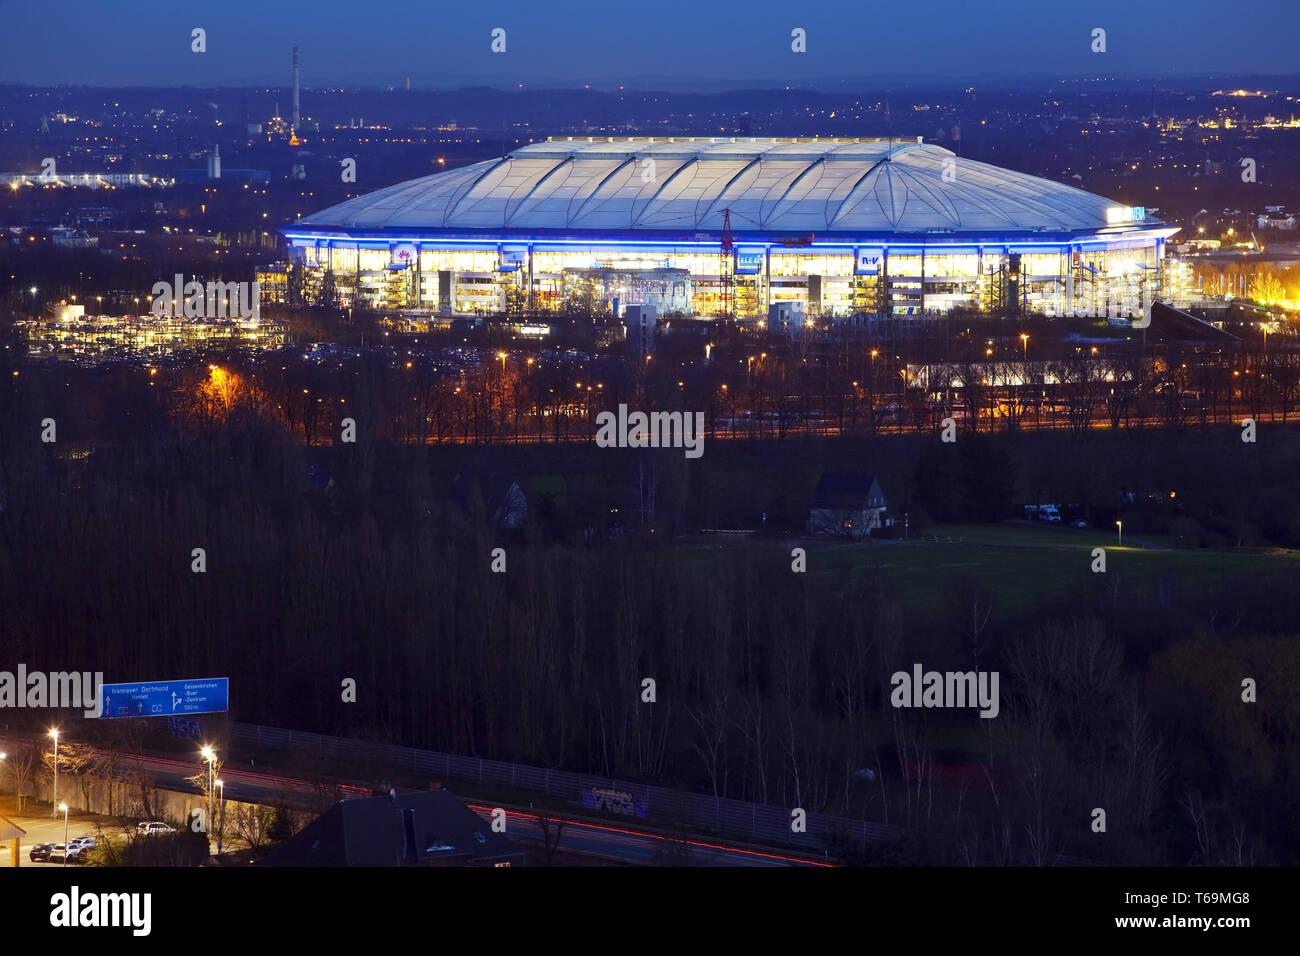 illuminated football stadium Veltins-Arena from Schalke 04 in twilight, Gelsenkirchen, Germany - Stock Image